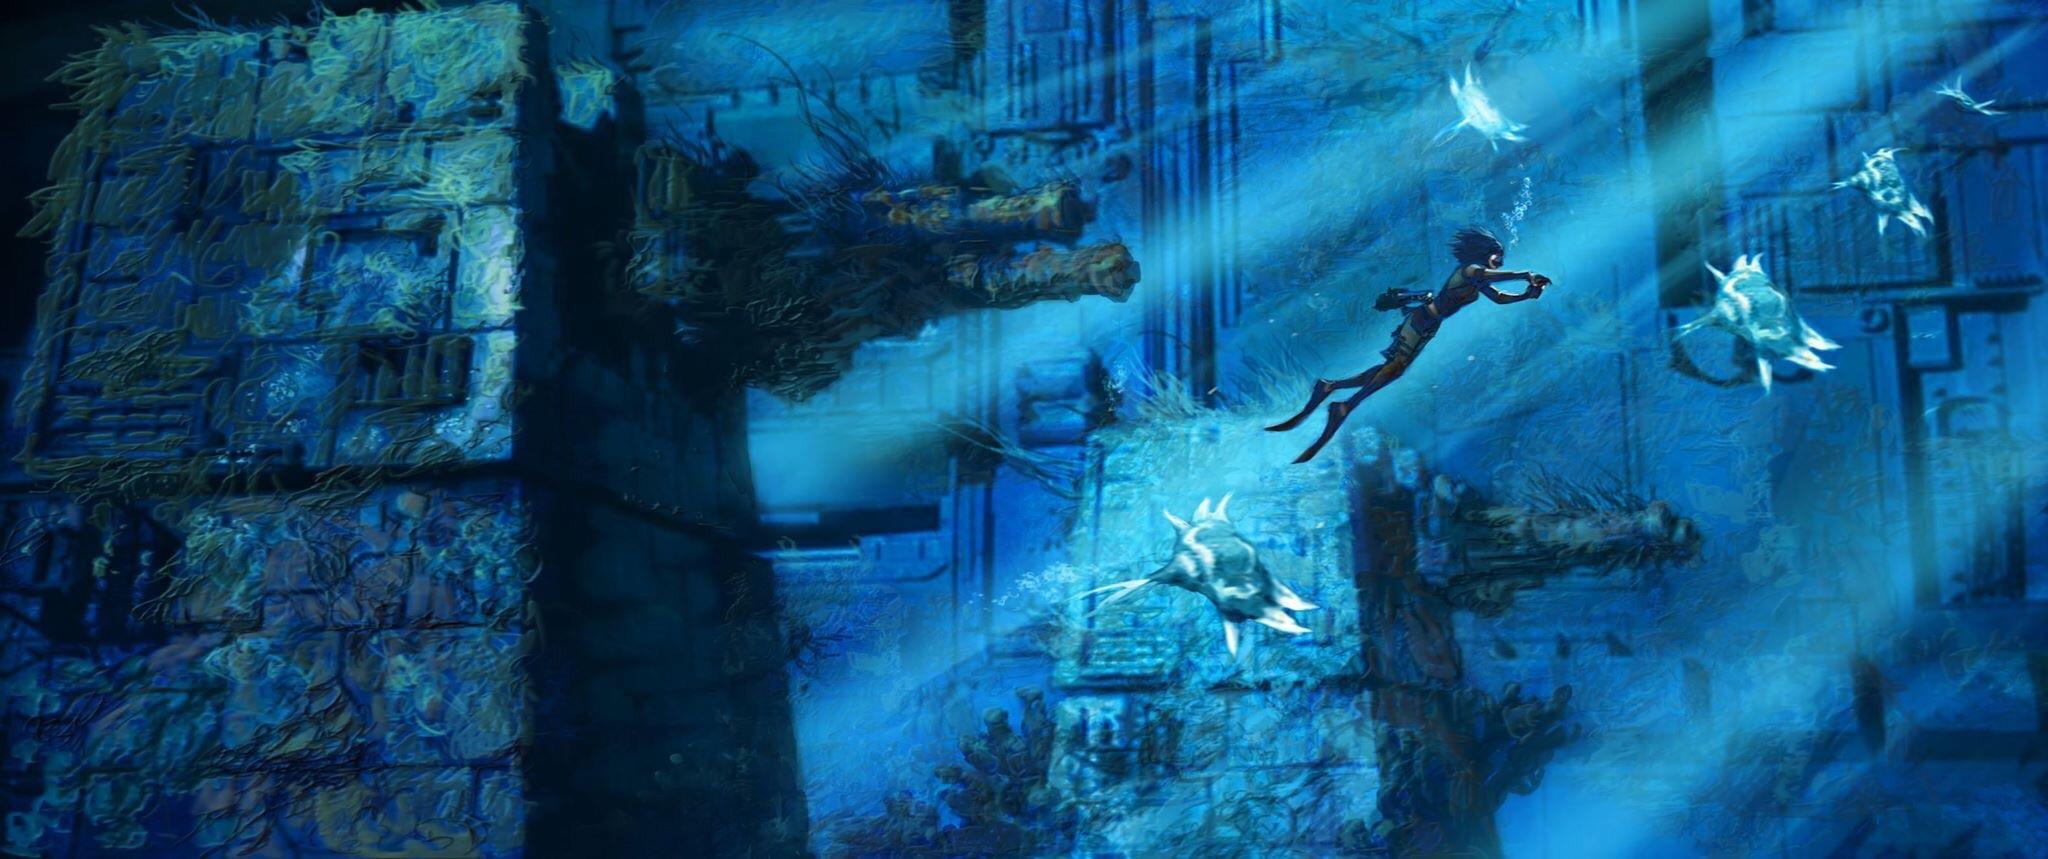 rey-underwater-deathstar-concept.jpg